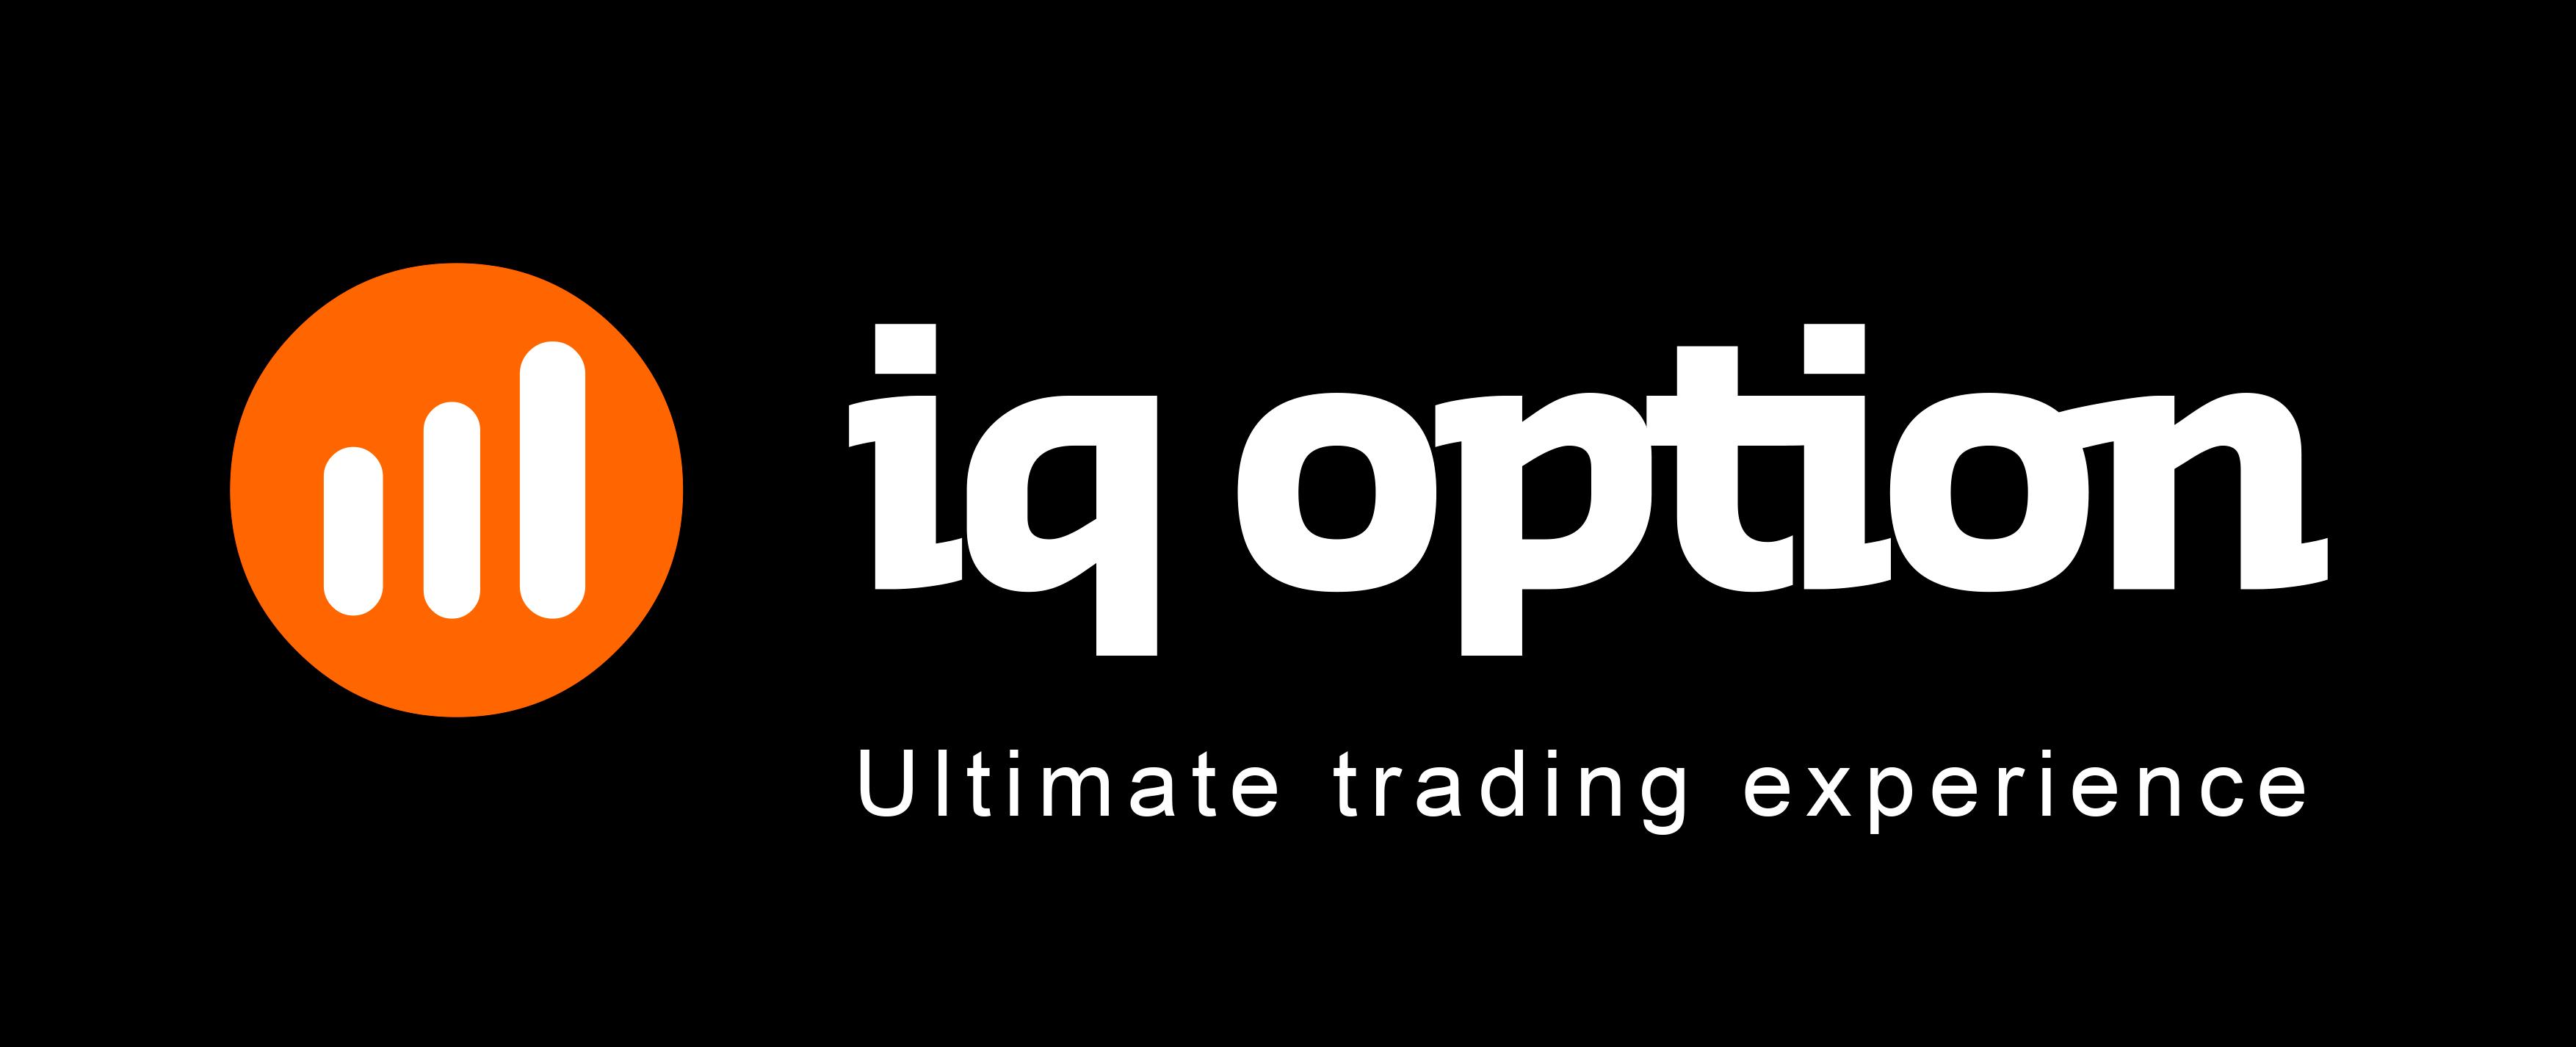 Option trading iq